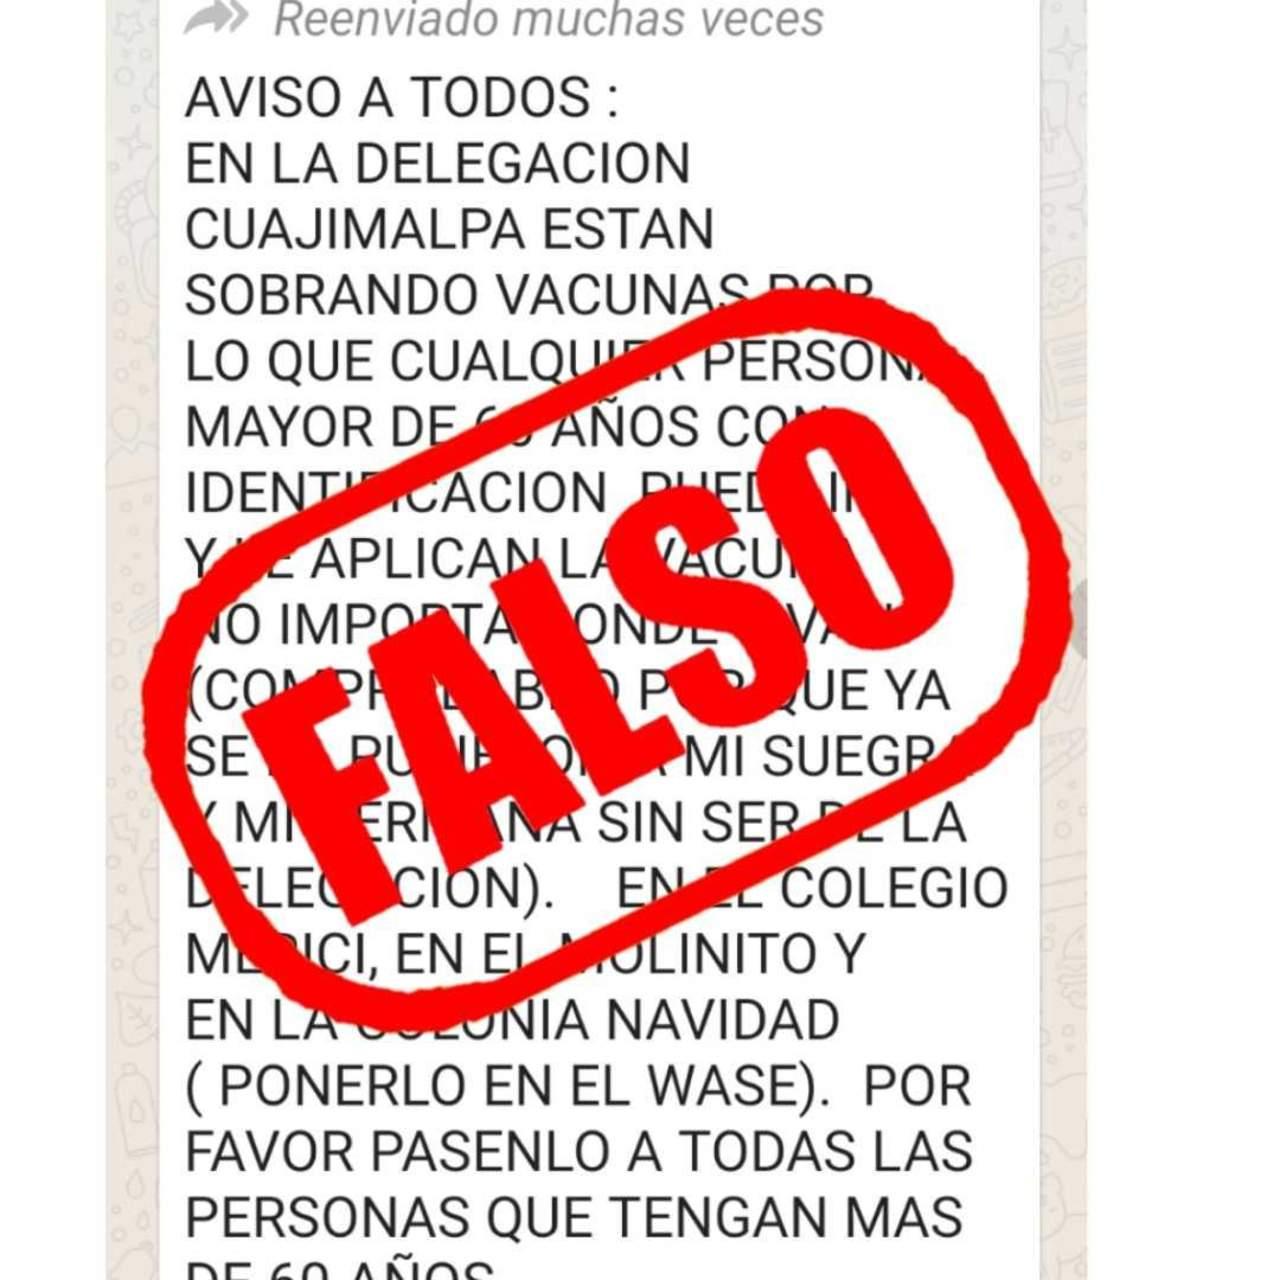 Alertan por mensaje falso de vacunas antiCOVID para robar cuentas de WhatsApp